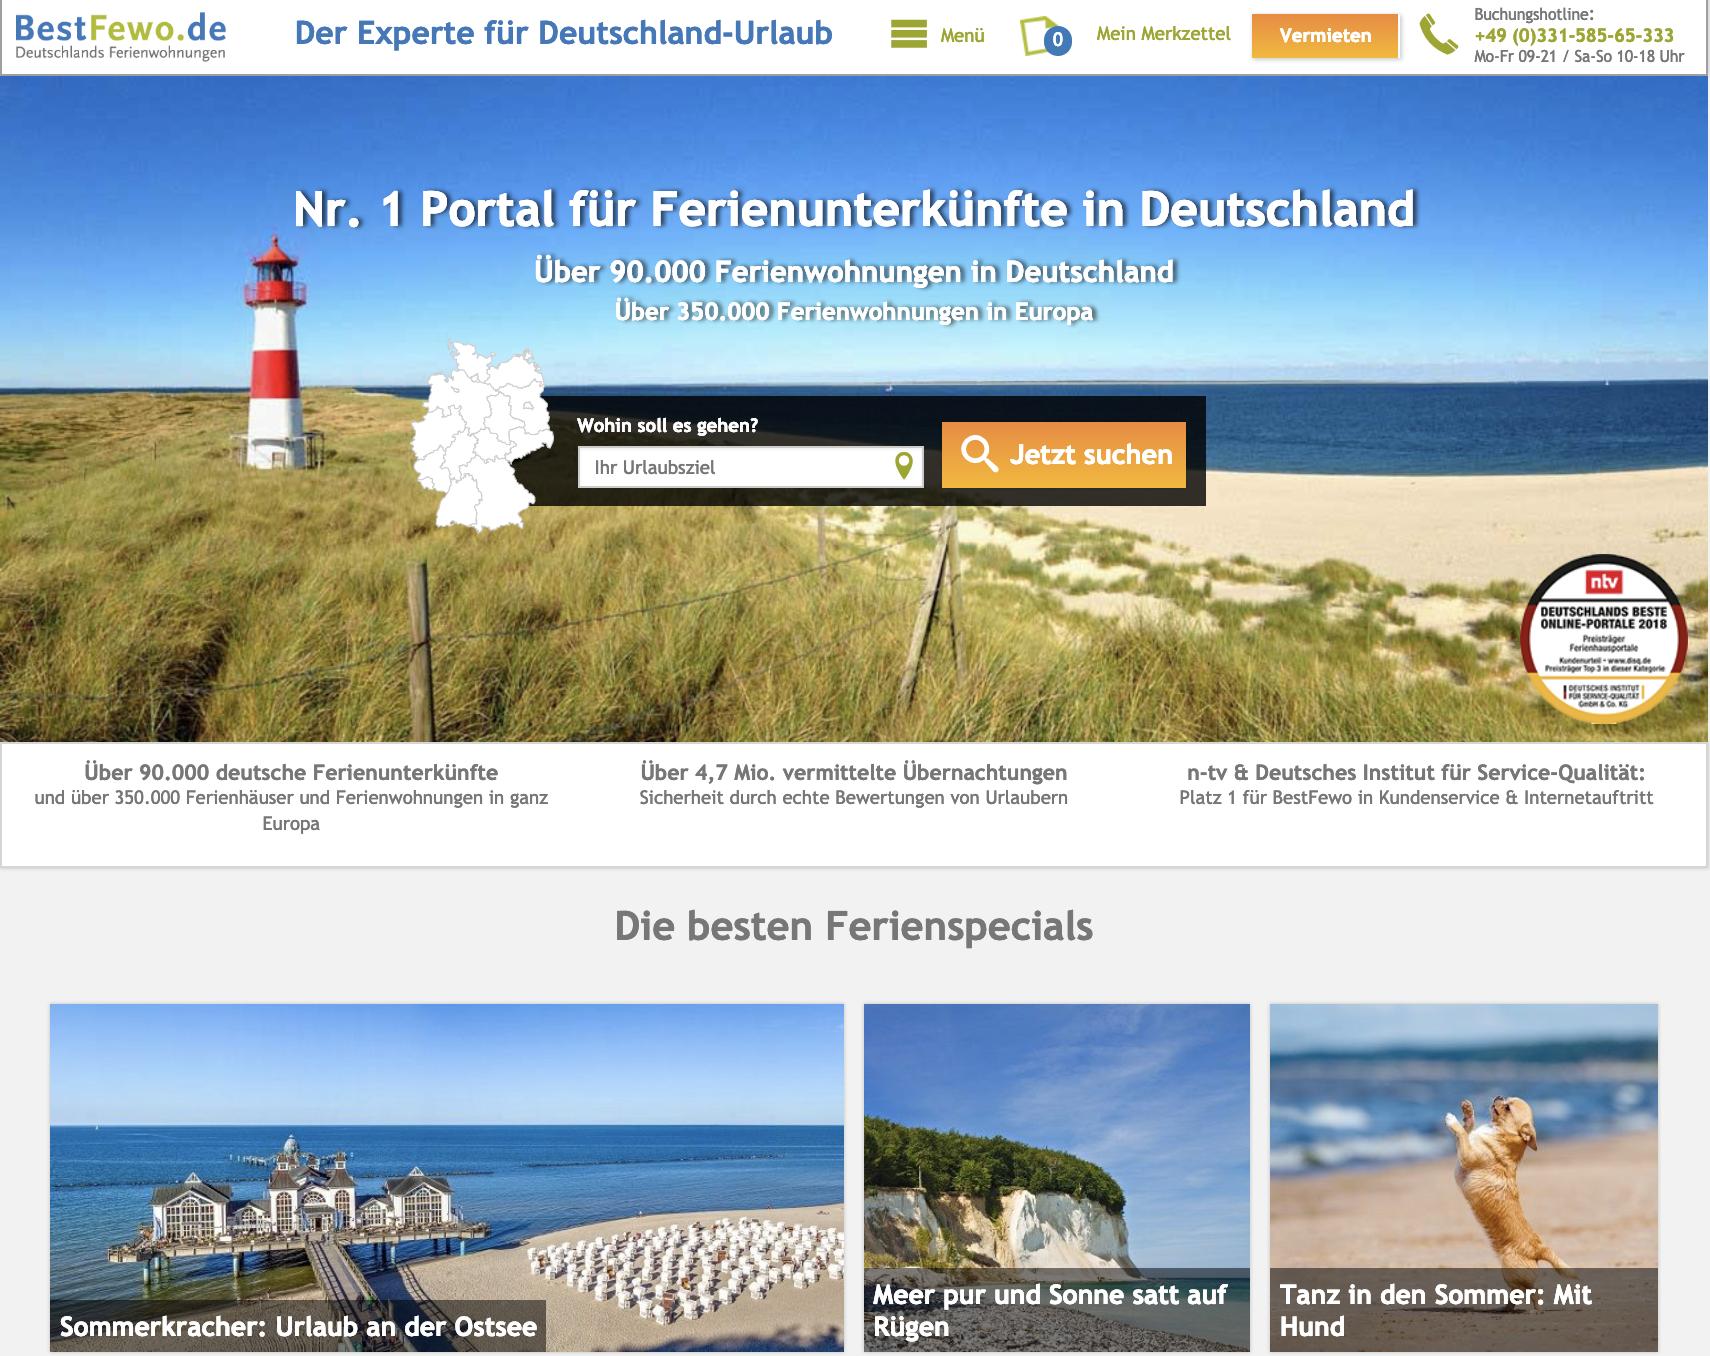 Eine Ferienwohnung mieten muss nicht kompliziert und langwierig sein. Buchungsportale wie bestfewo.de bieten dir intelligente Filter und Gästebewertungen. (Quelle: www.bestfewo.de)